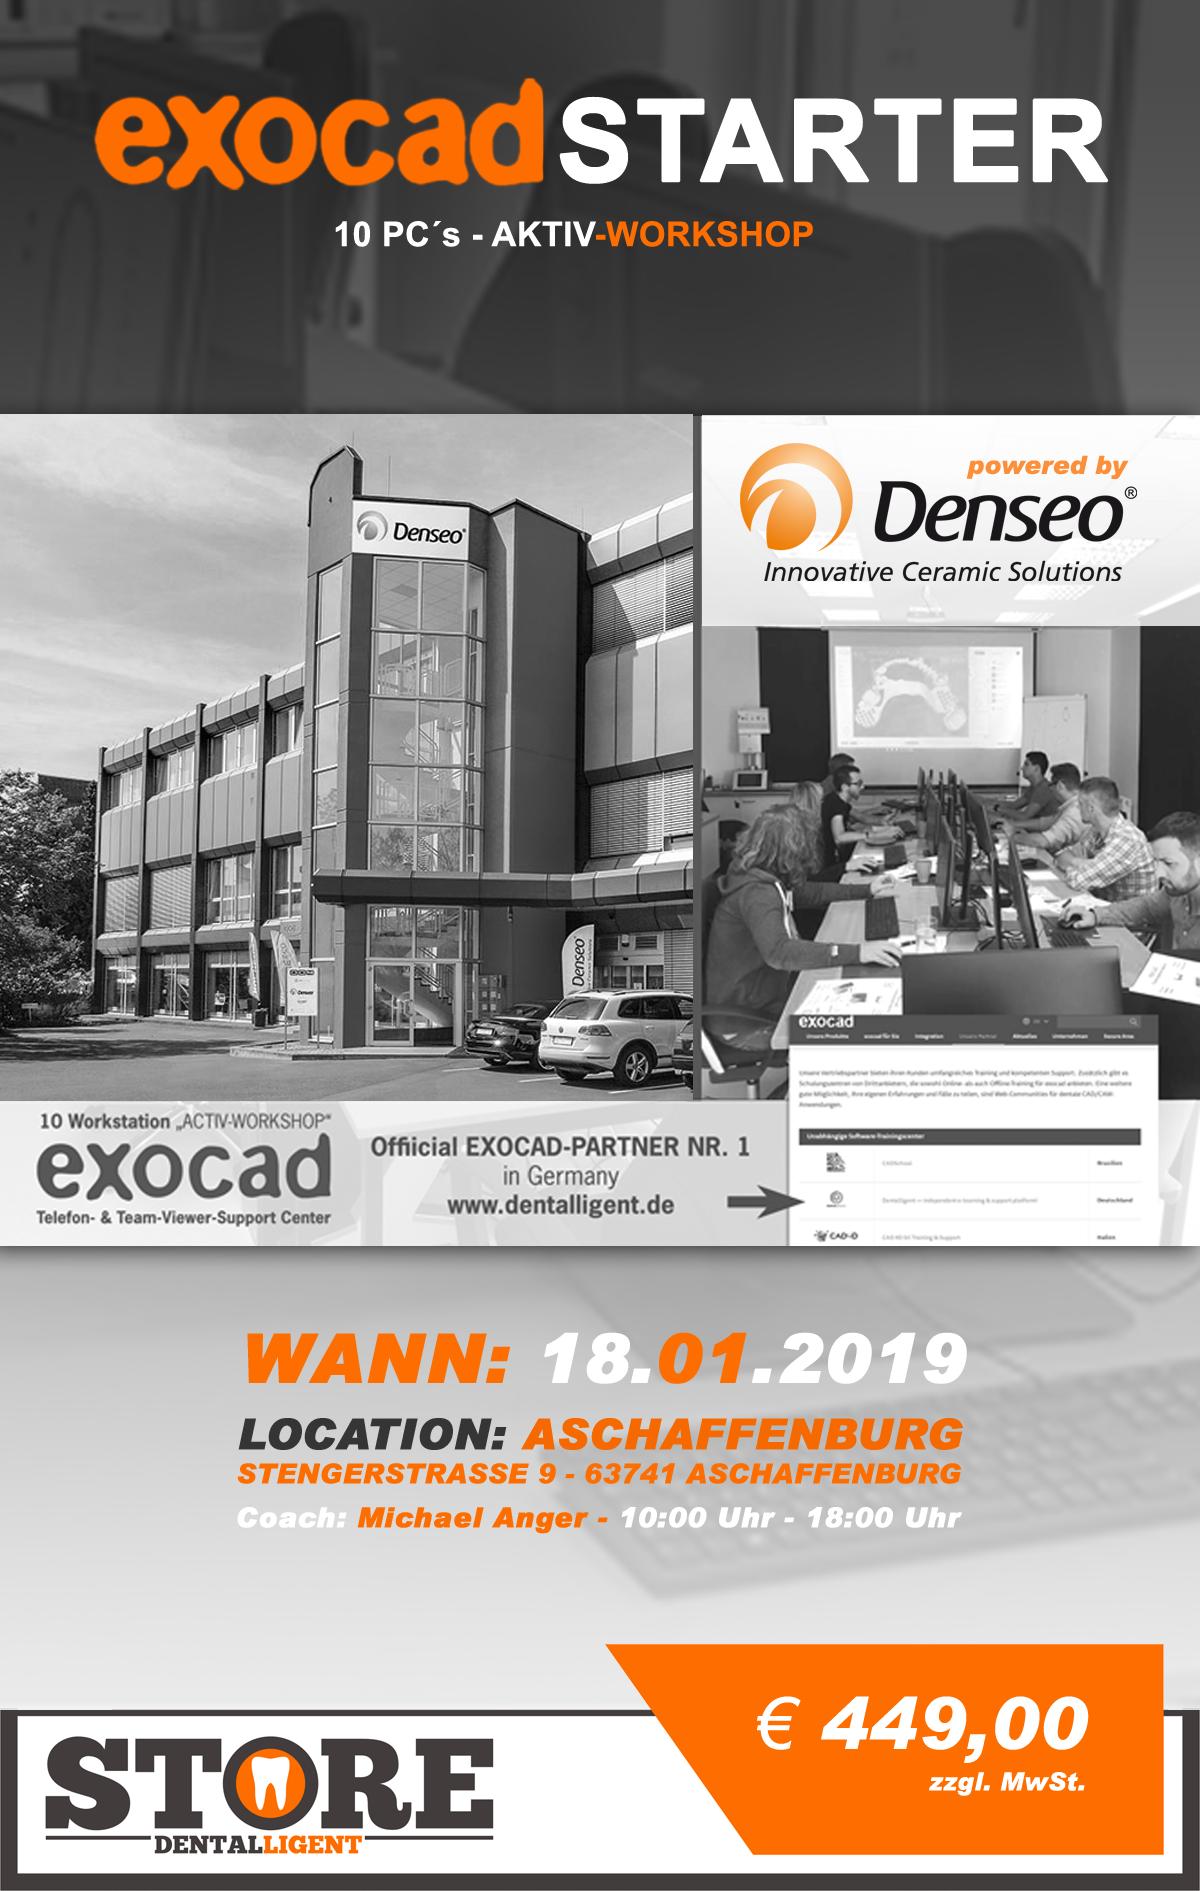 """EXOCAD - STARTER - """"AKTIV WORKSHOP"""" mit 10 PC´s -DENSEO GmbH"""